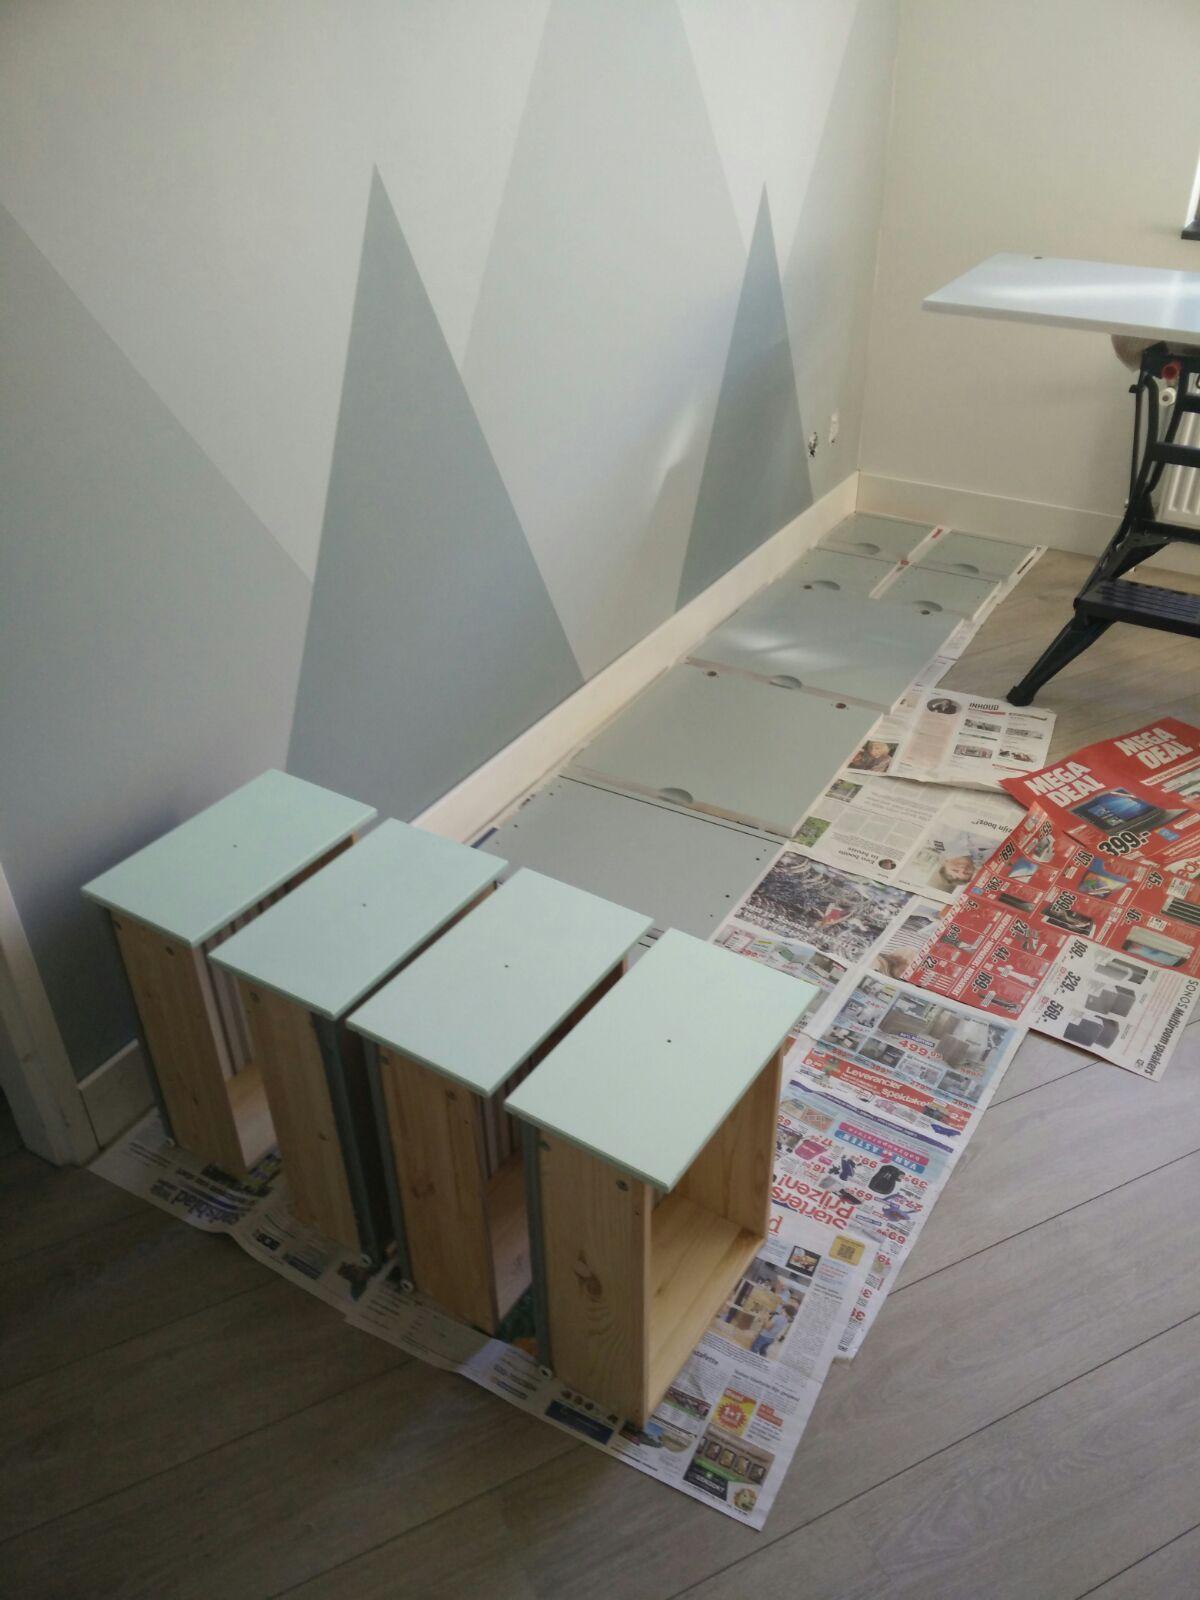 Lades van een IKEA HEMNES commode en RAKKE kledingkast liggen te drogen na een verflaag